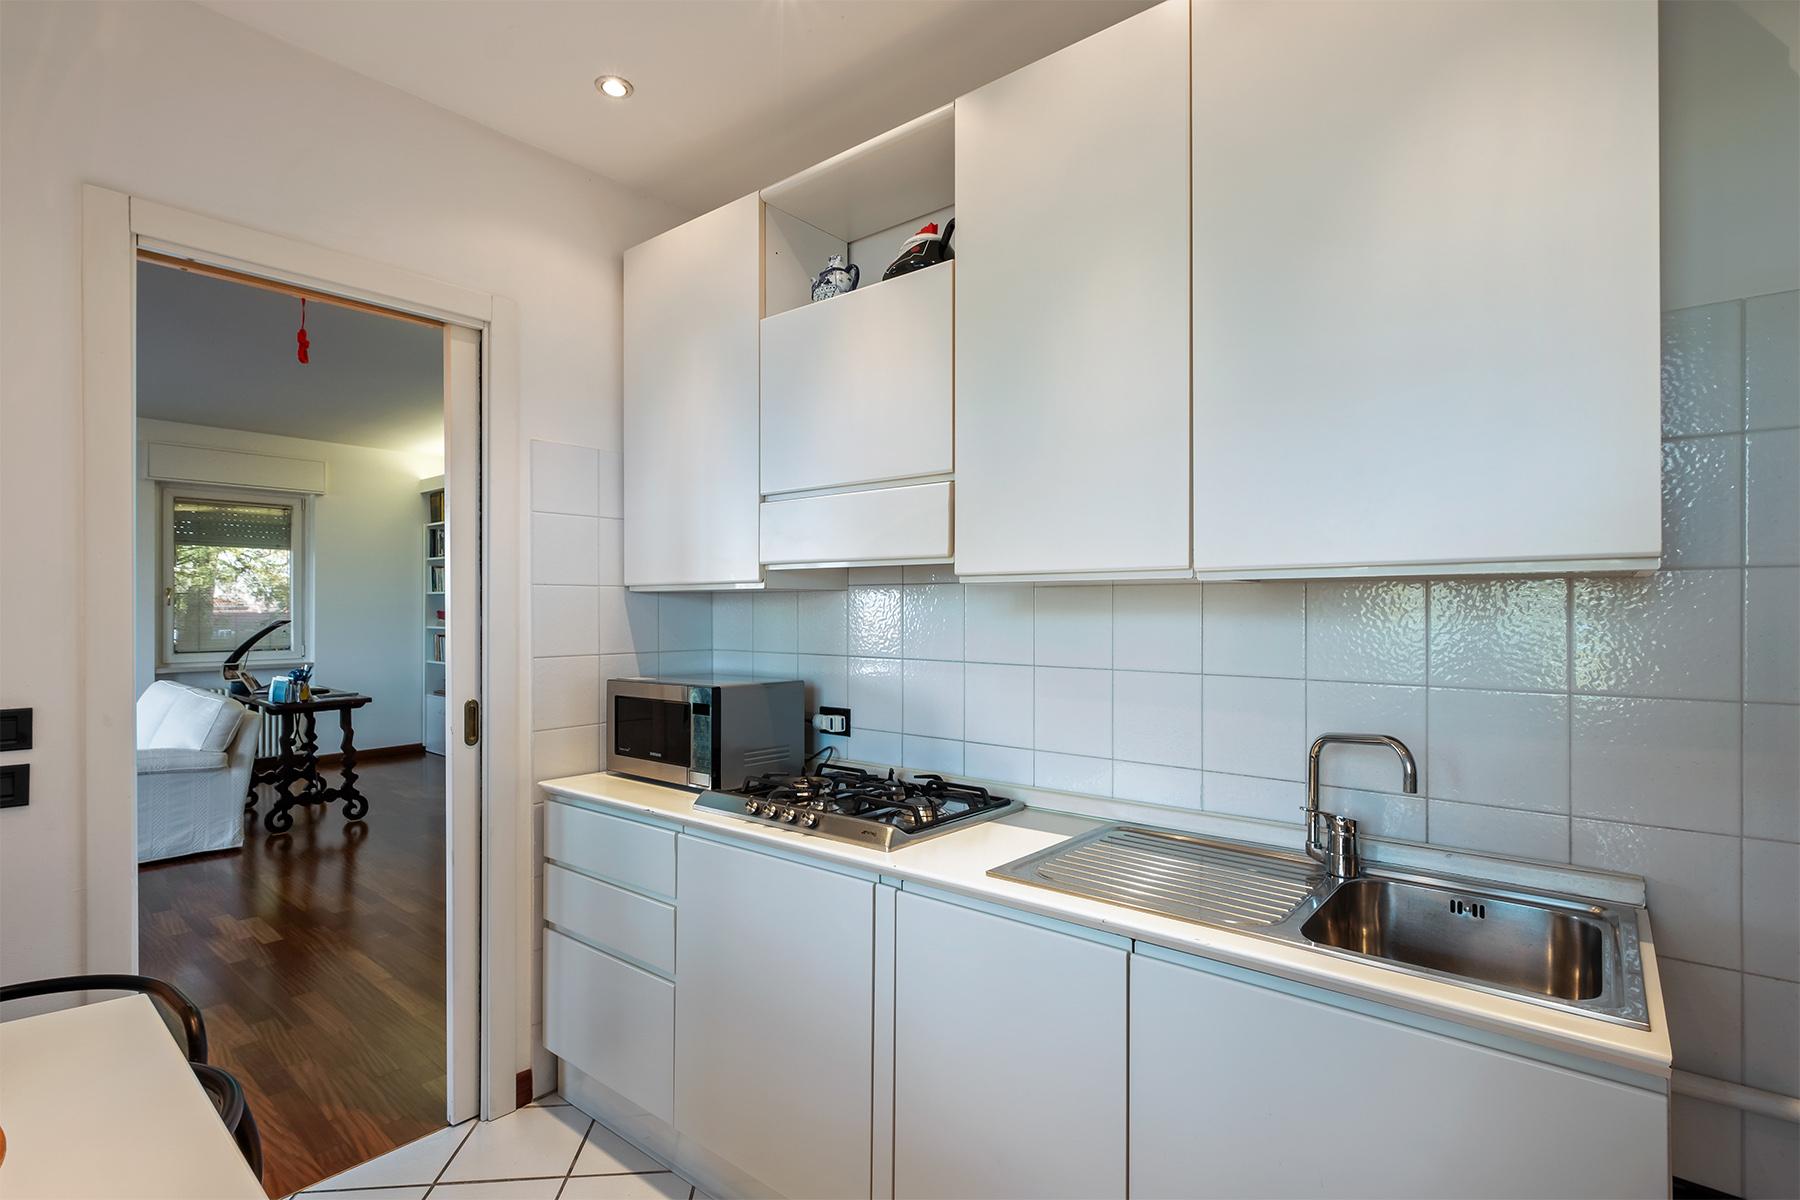 Appartamento in Vendita a Desenzano Del Garda: 5 locali, 170 mq - Foto 12